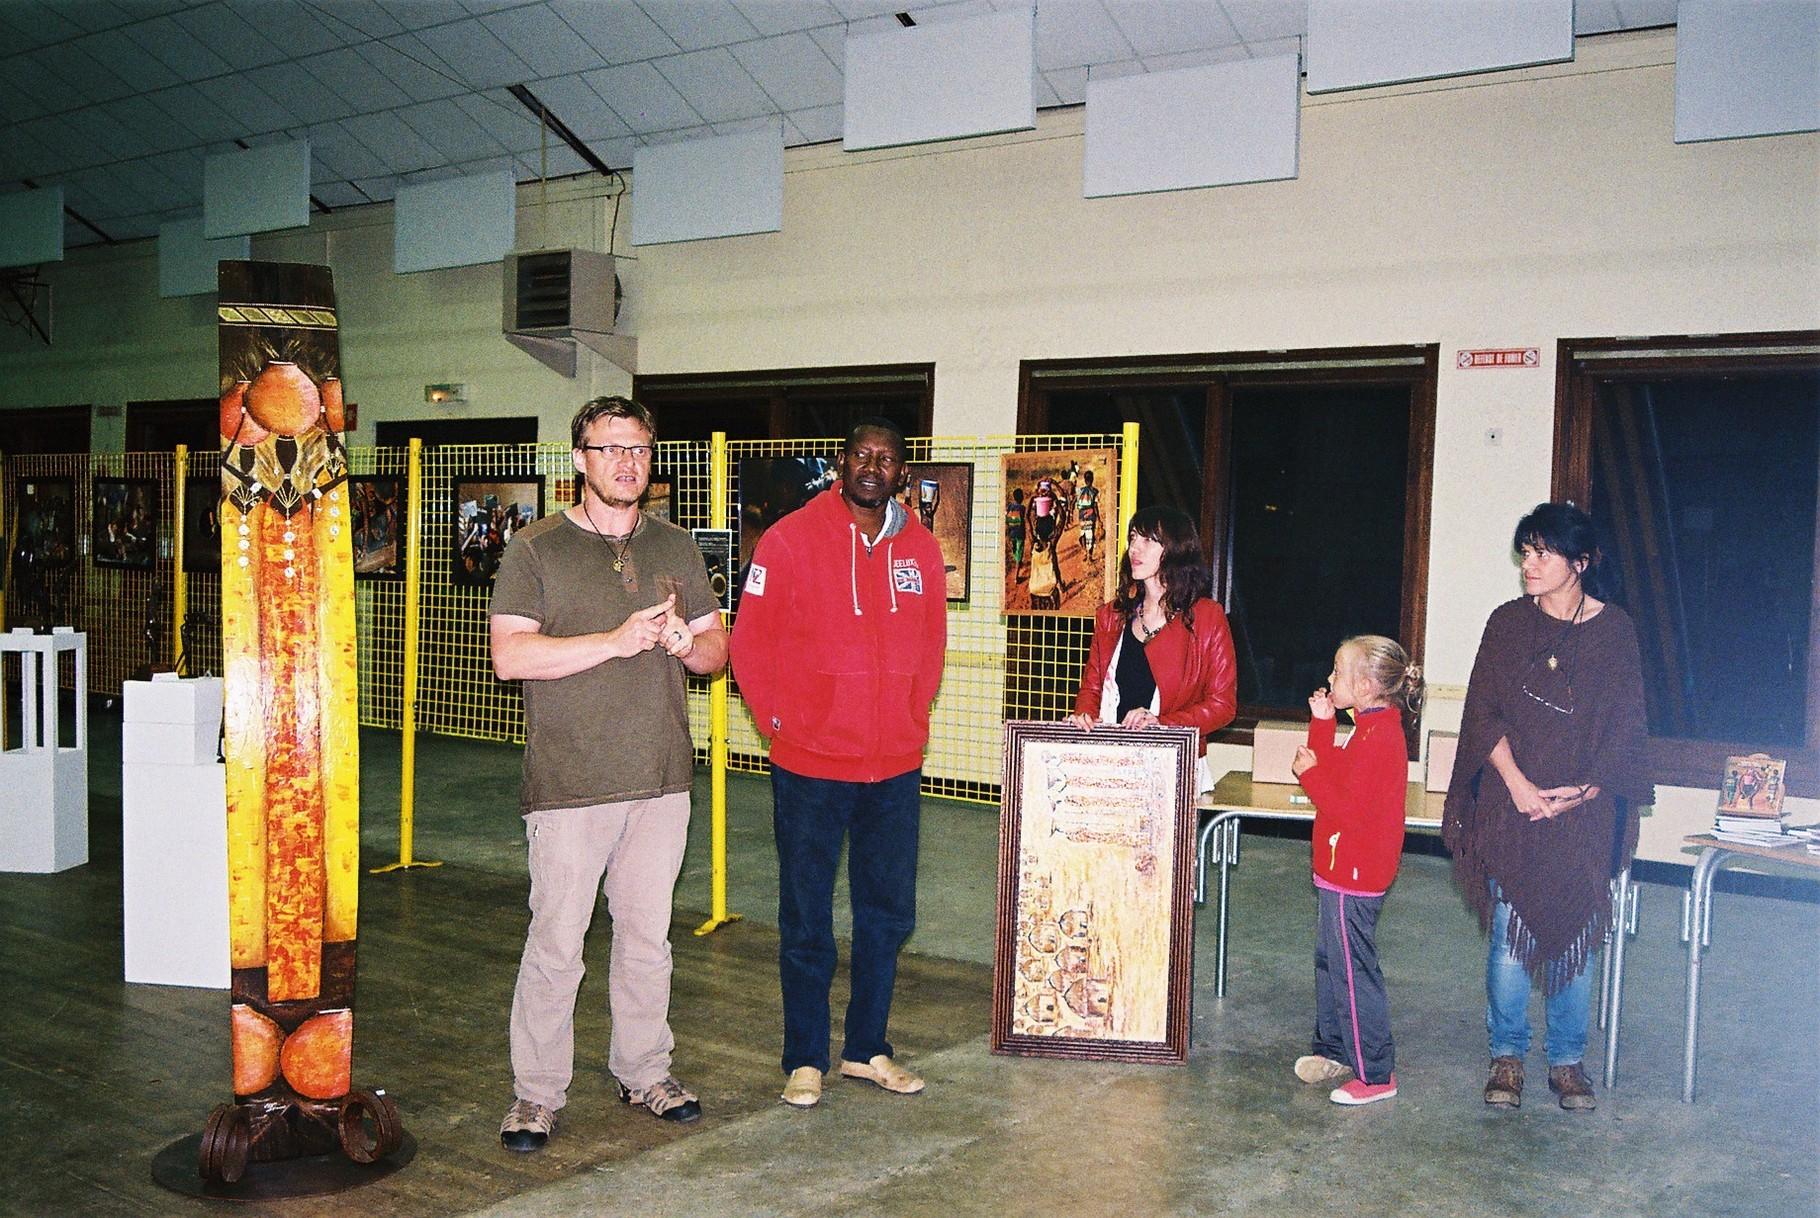 2014 - 24 Thiviers - Association Sigou - Festival à la rencontre de l'Afrique